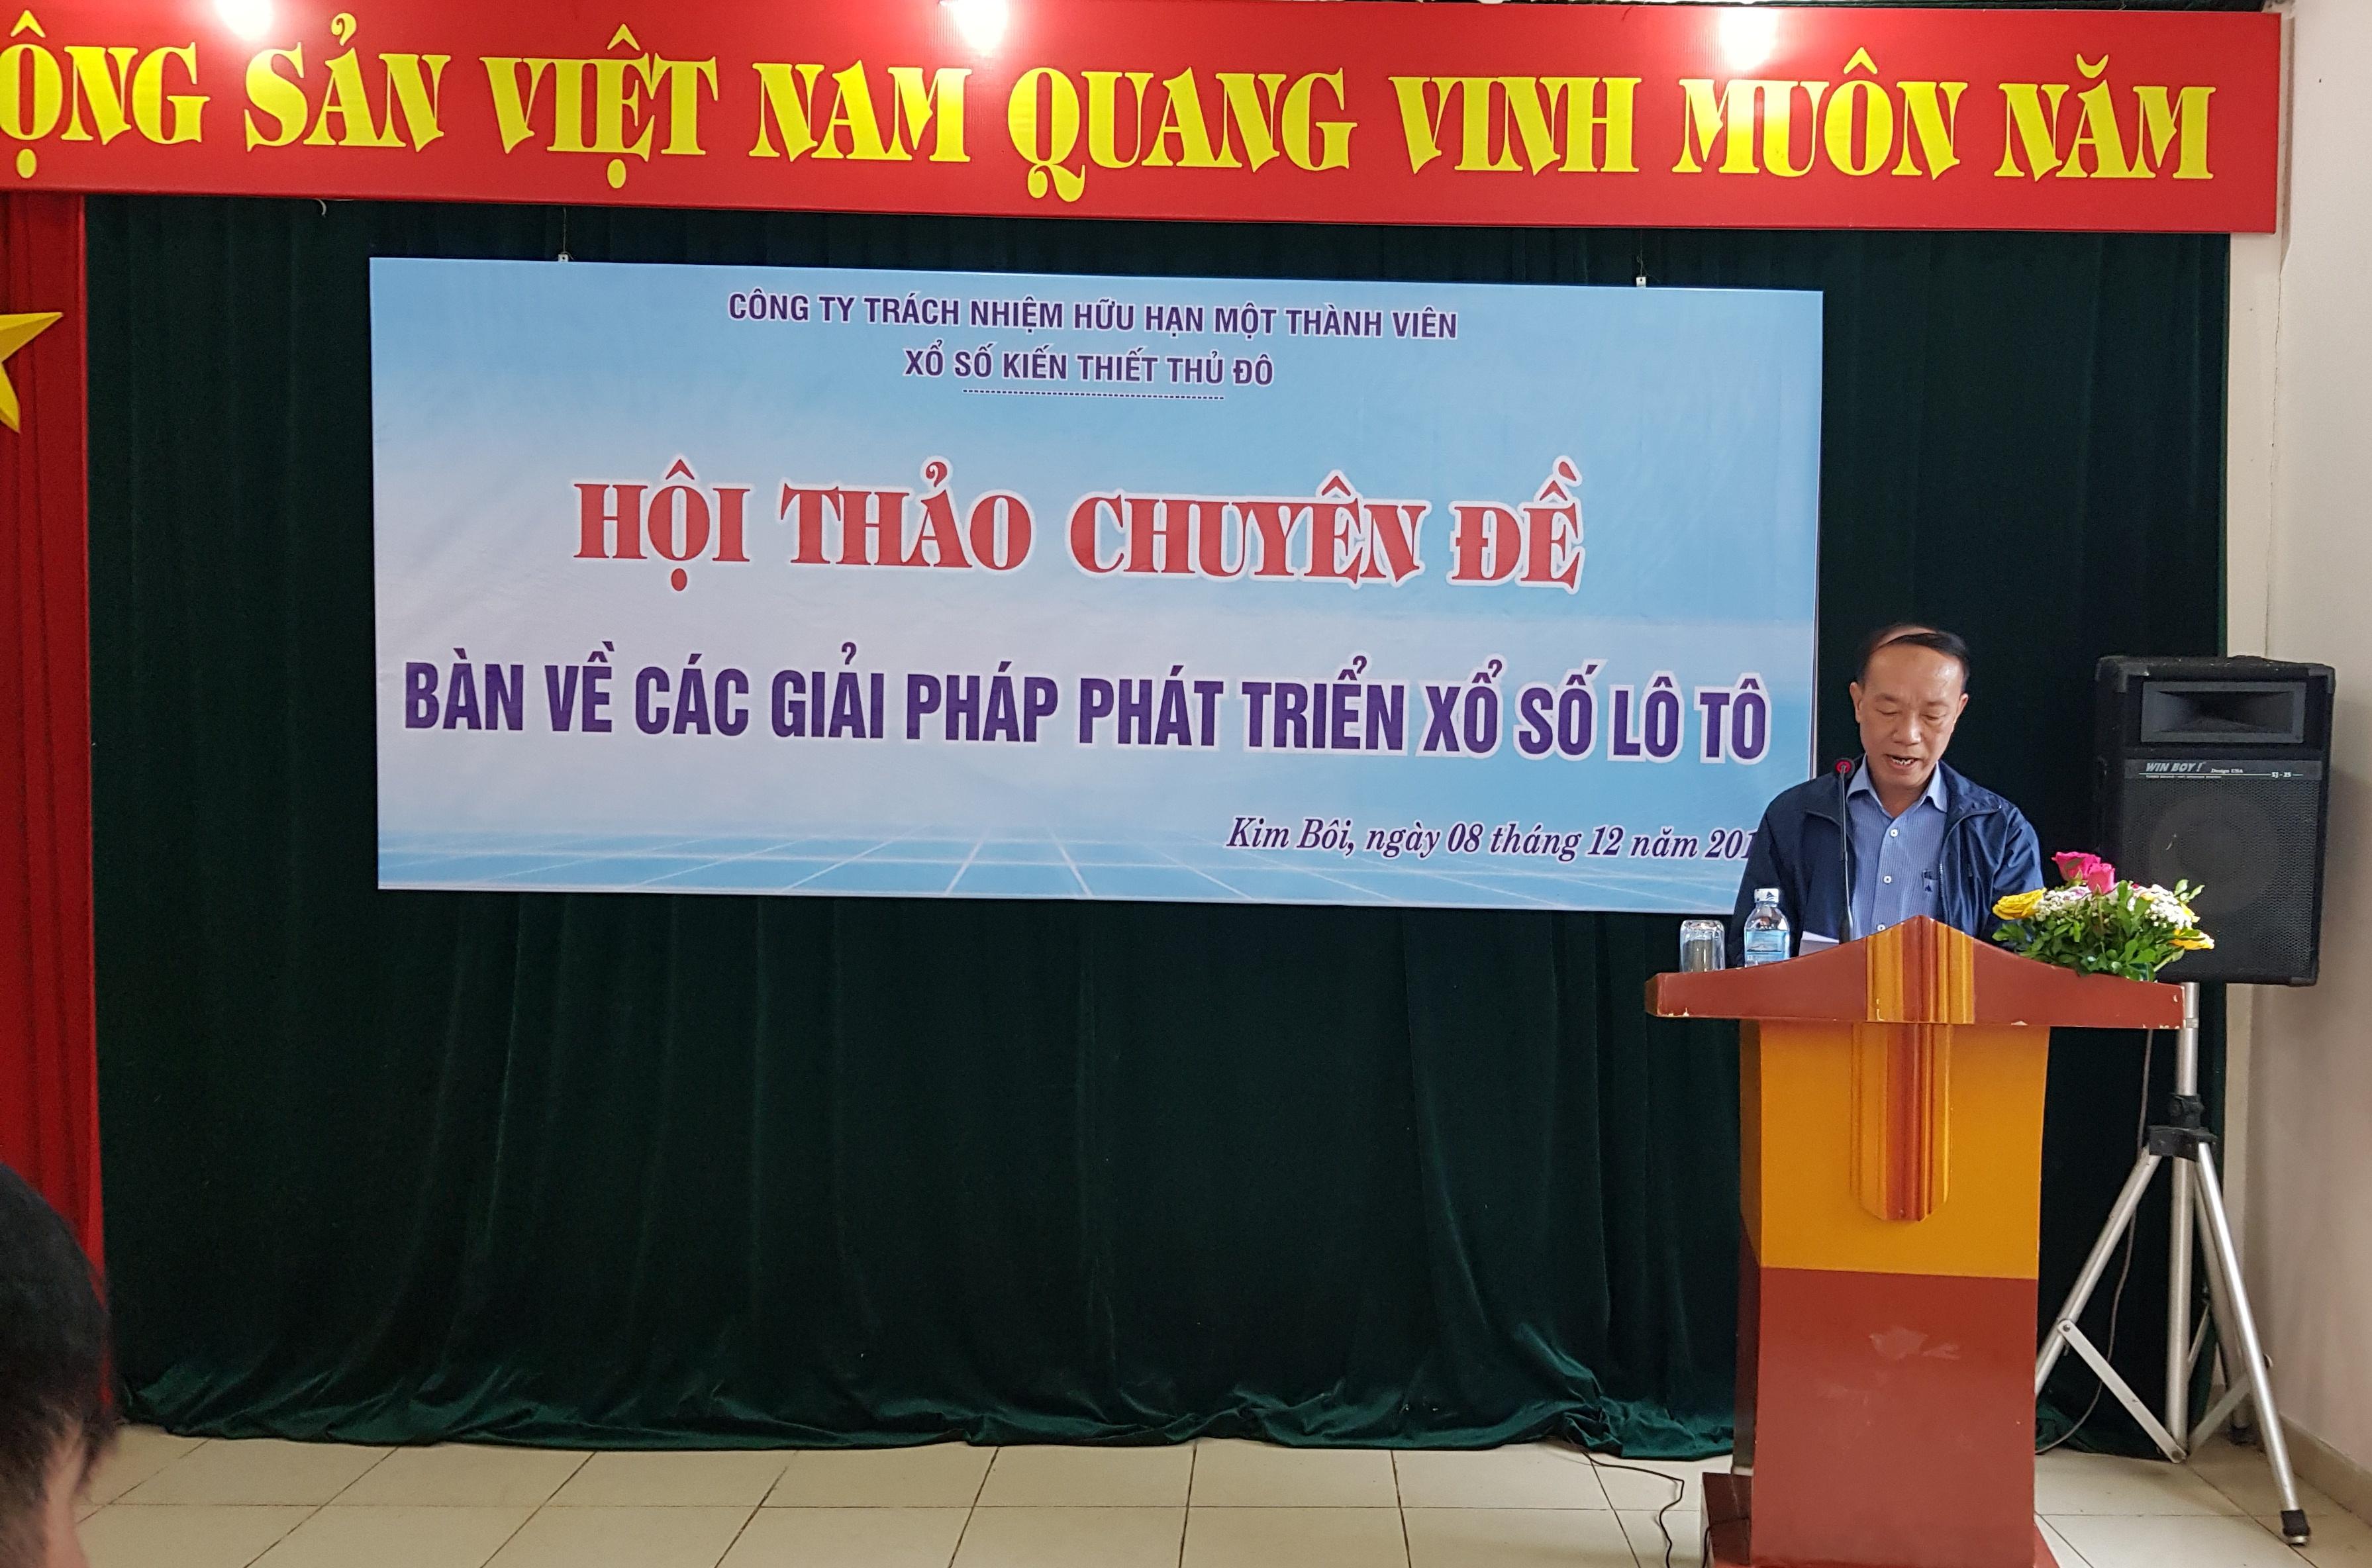 Ông Nguyễn Sỹ Vĩnh - Tổng giám đốc Công ty XSKT trong Hội thảo